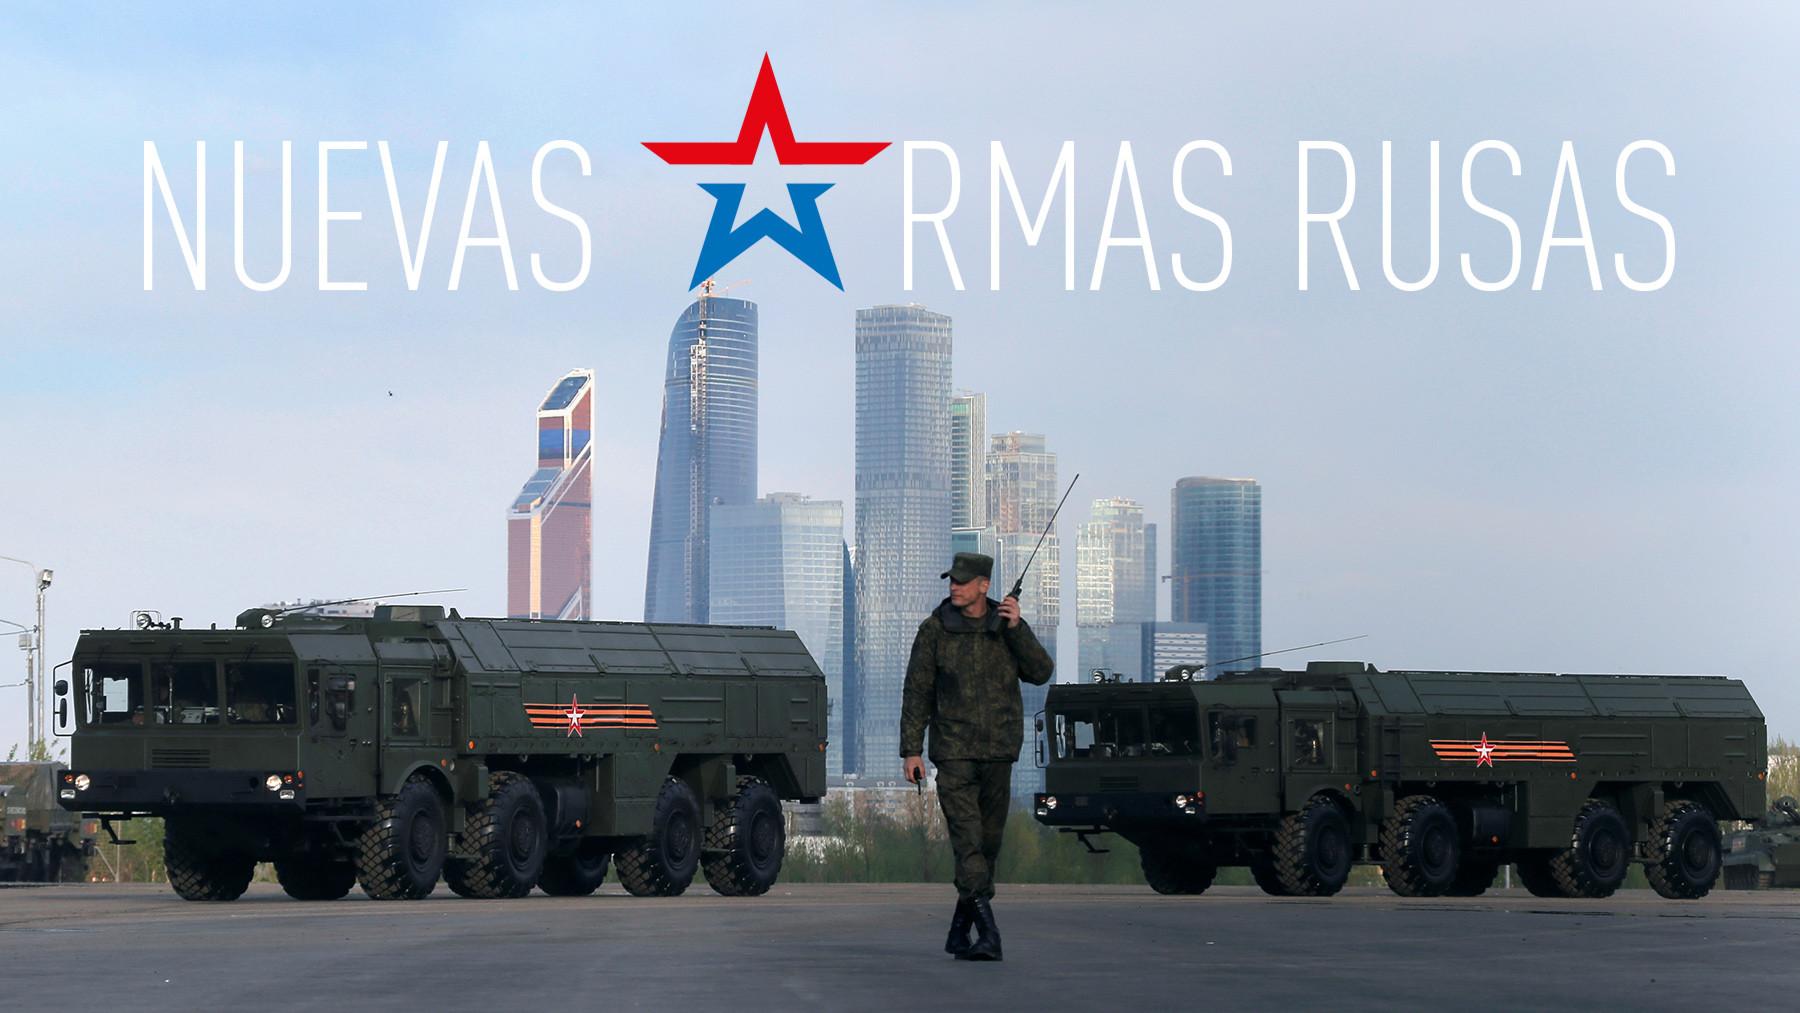 Estas son las armas que han recibido las Fuerzas Armadas de Rusia en 2016